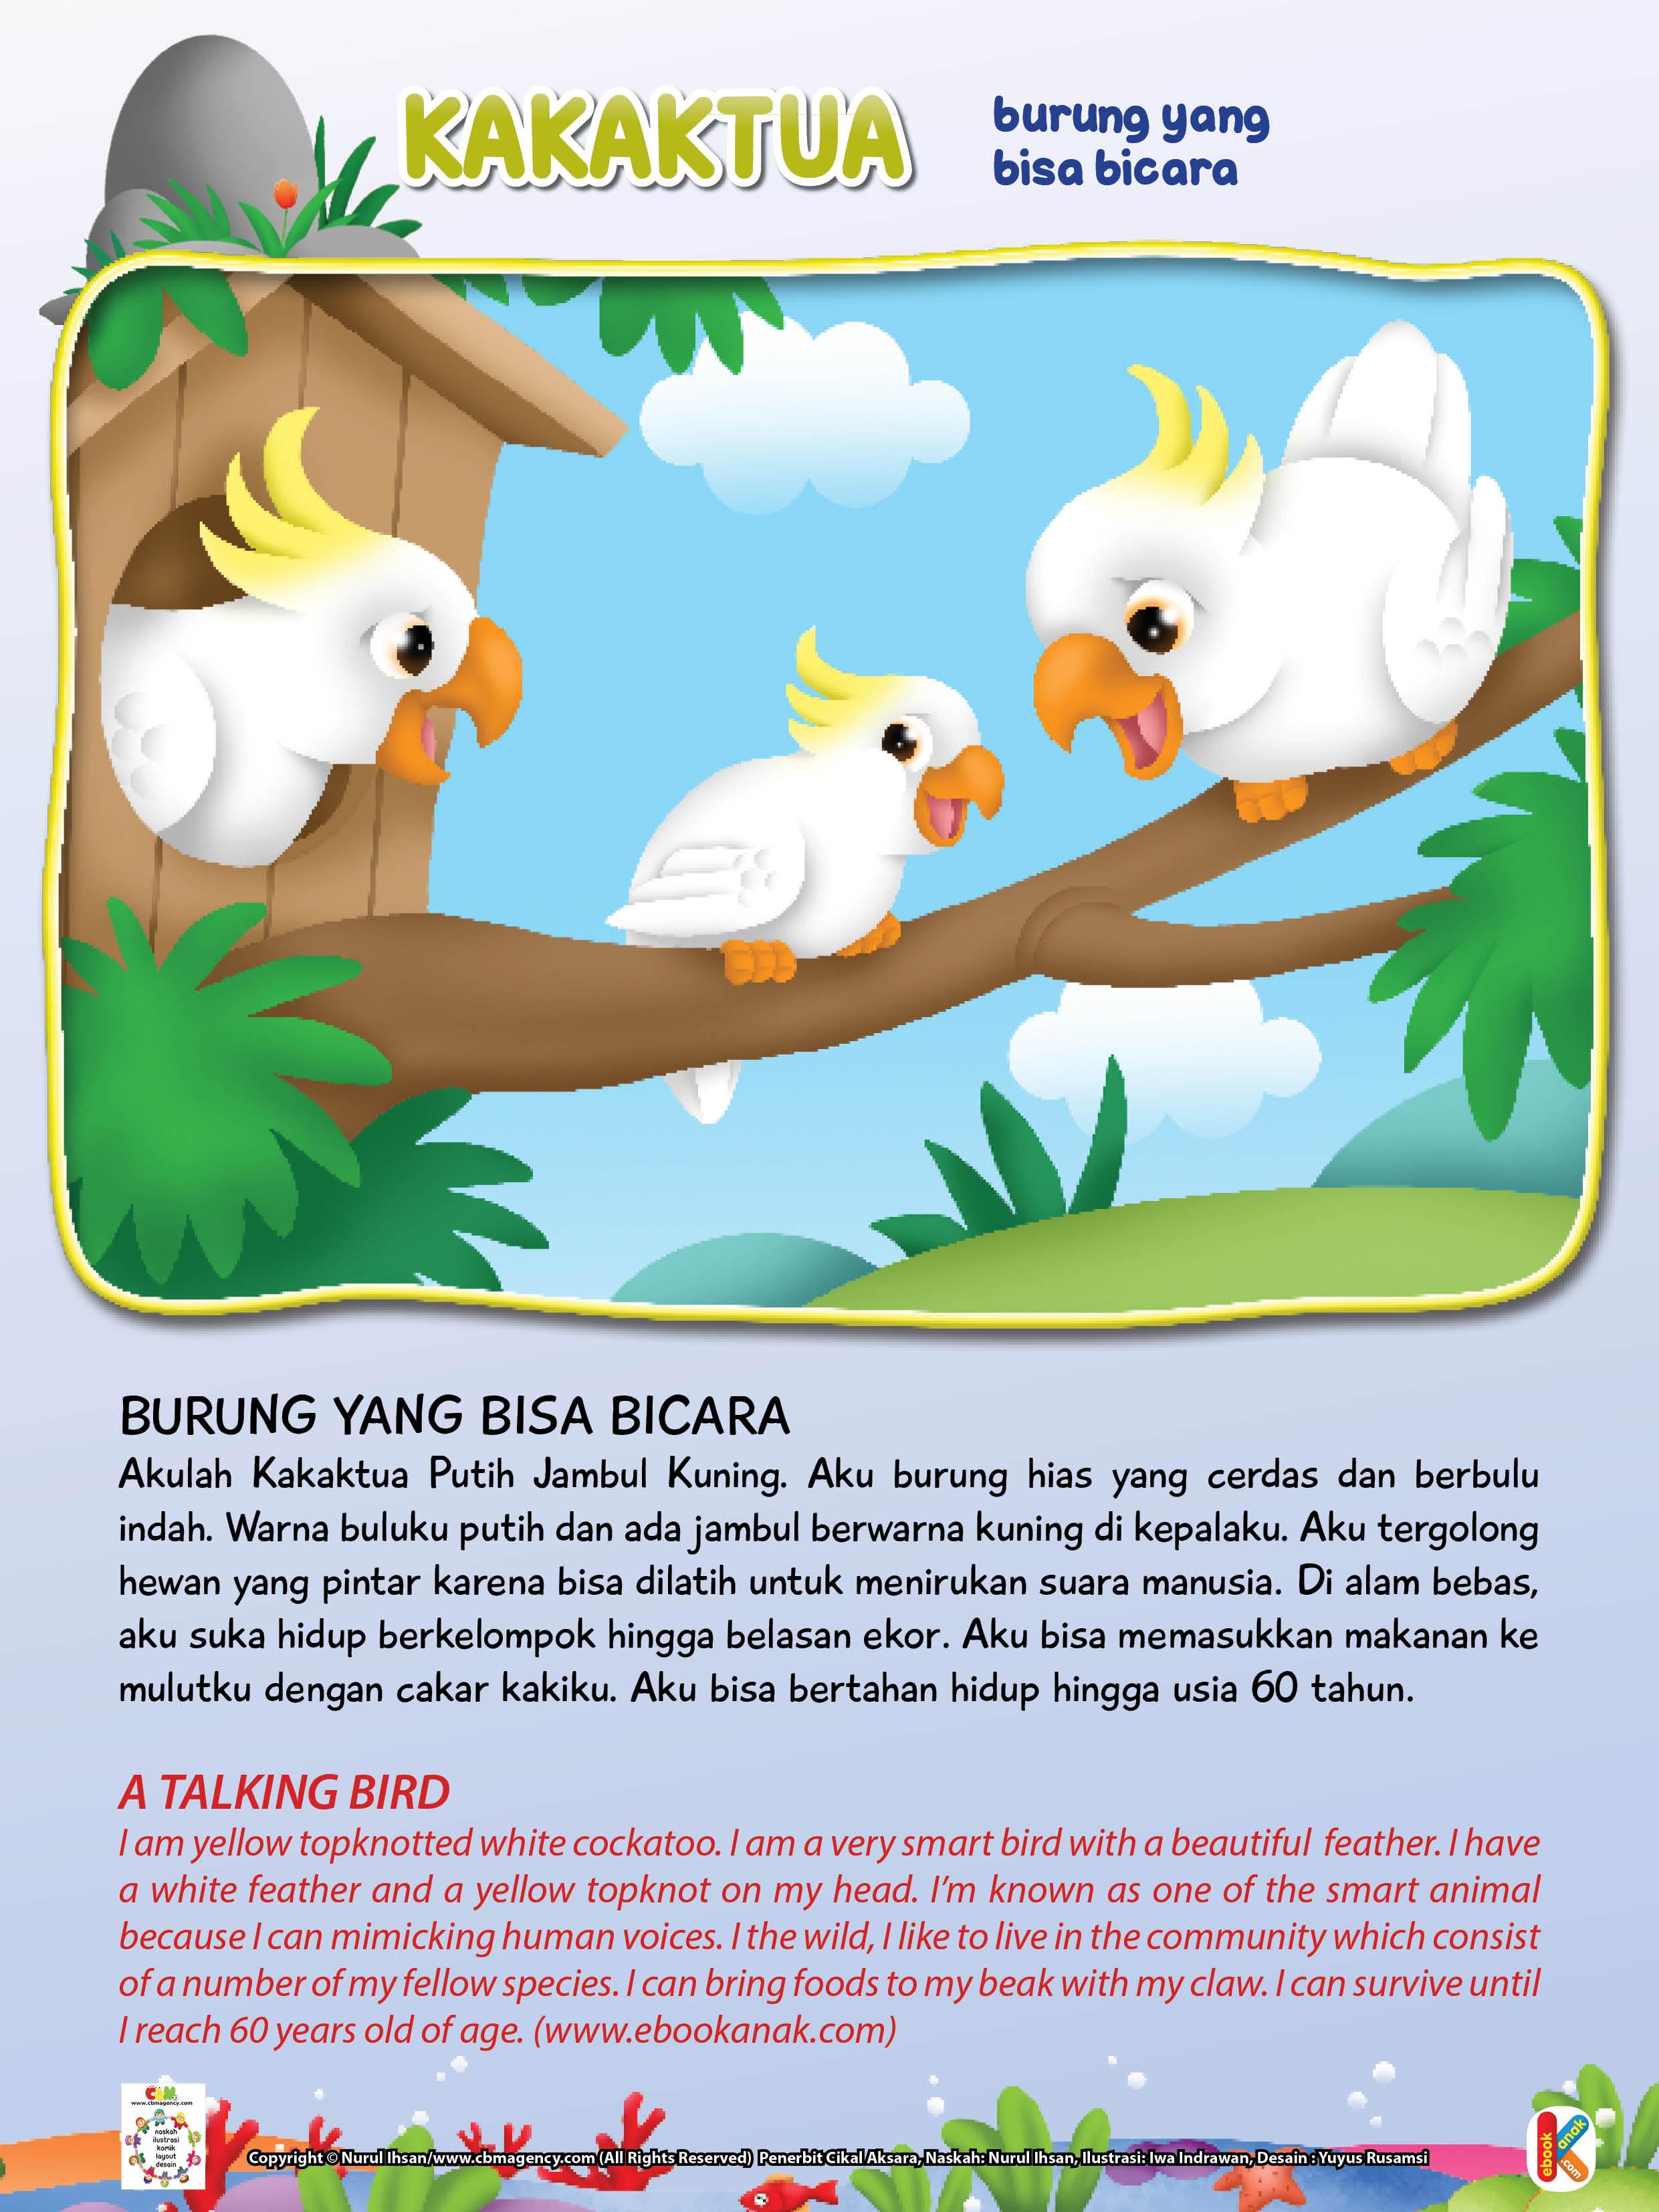 Di alam bebas, burung kakaktua suka hidup berkelompok hingga belasan ekor.